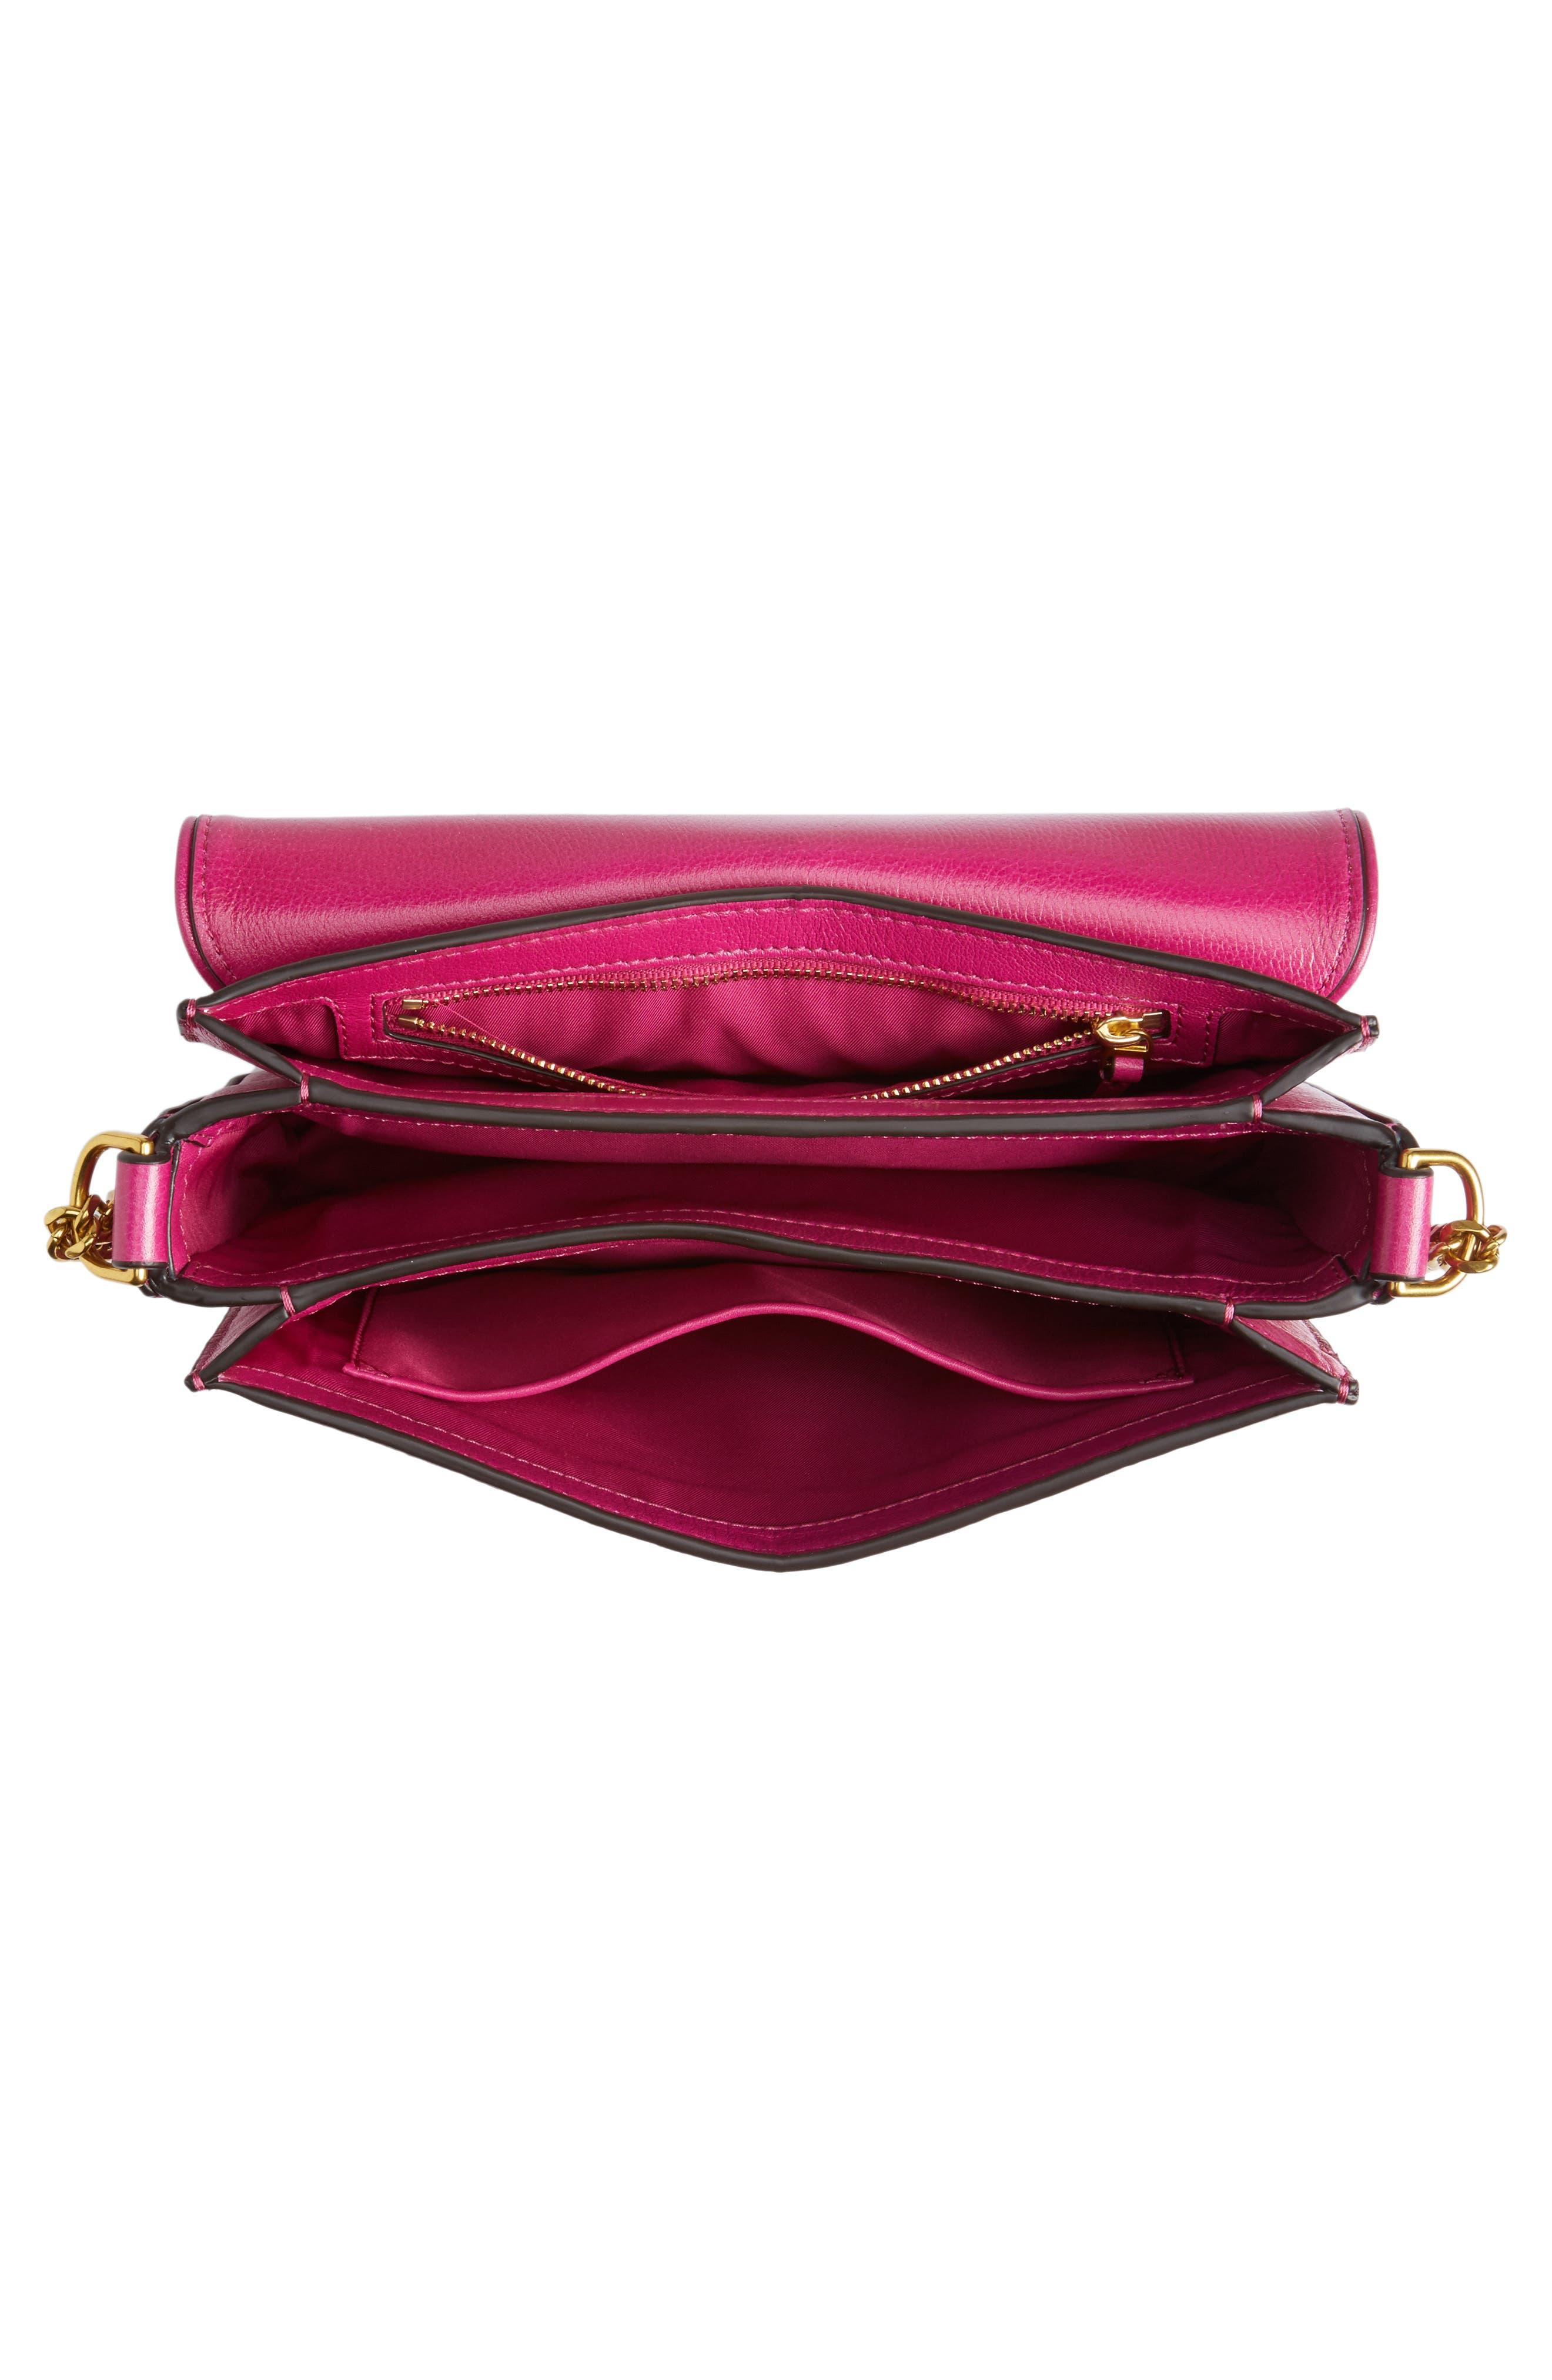 Chelsea Genuine Leather Shoulder Bag,                             Alternate thumbnail 4, color,                             650